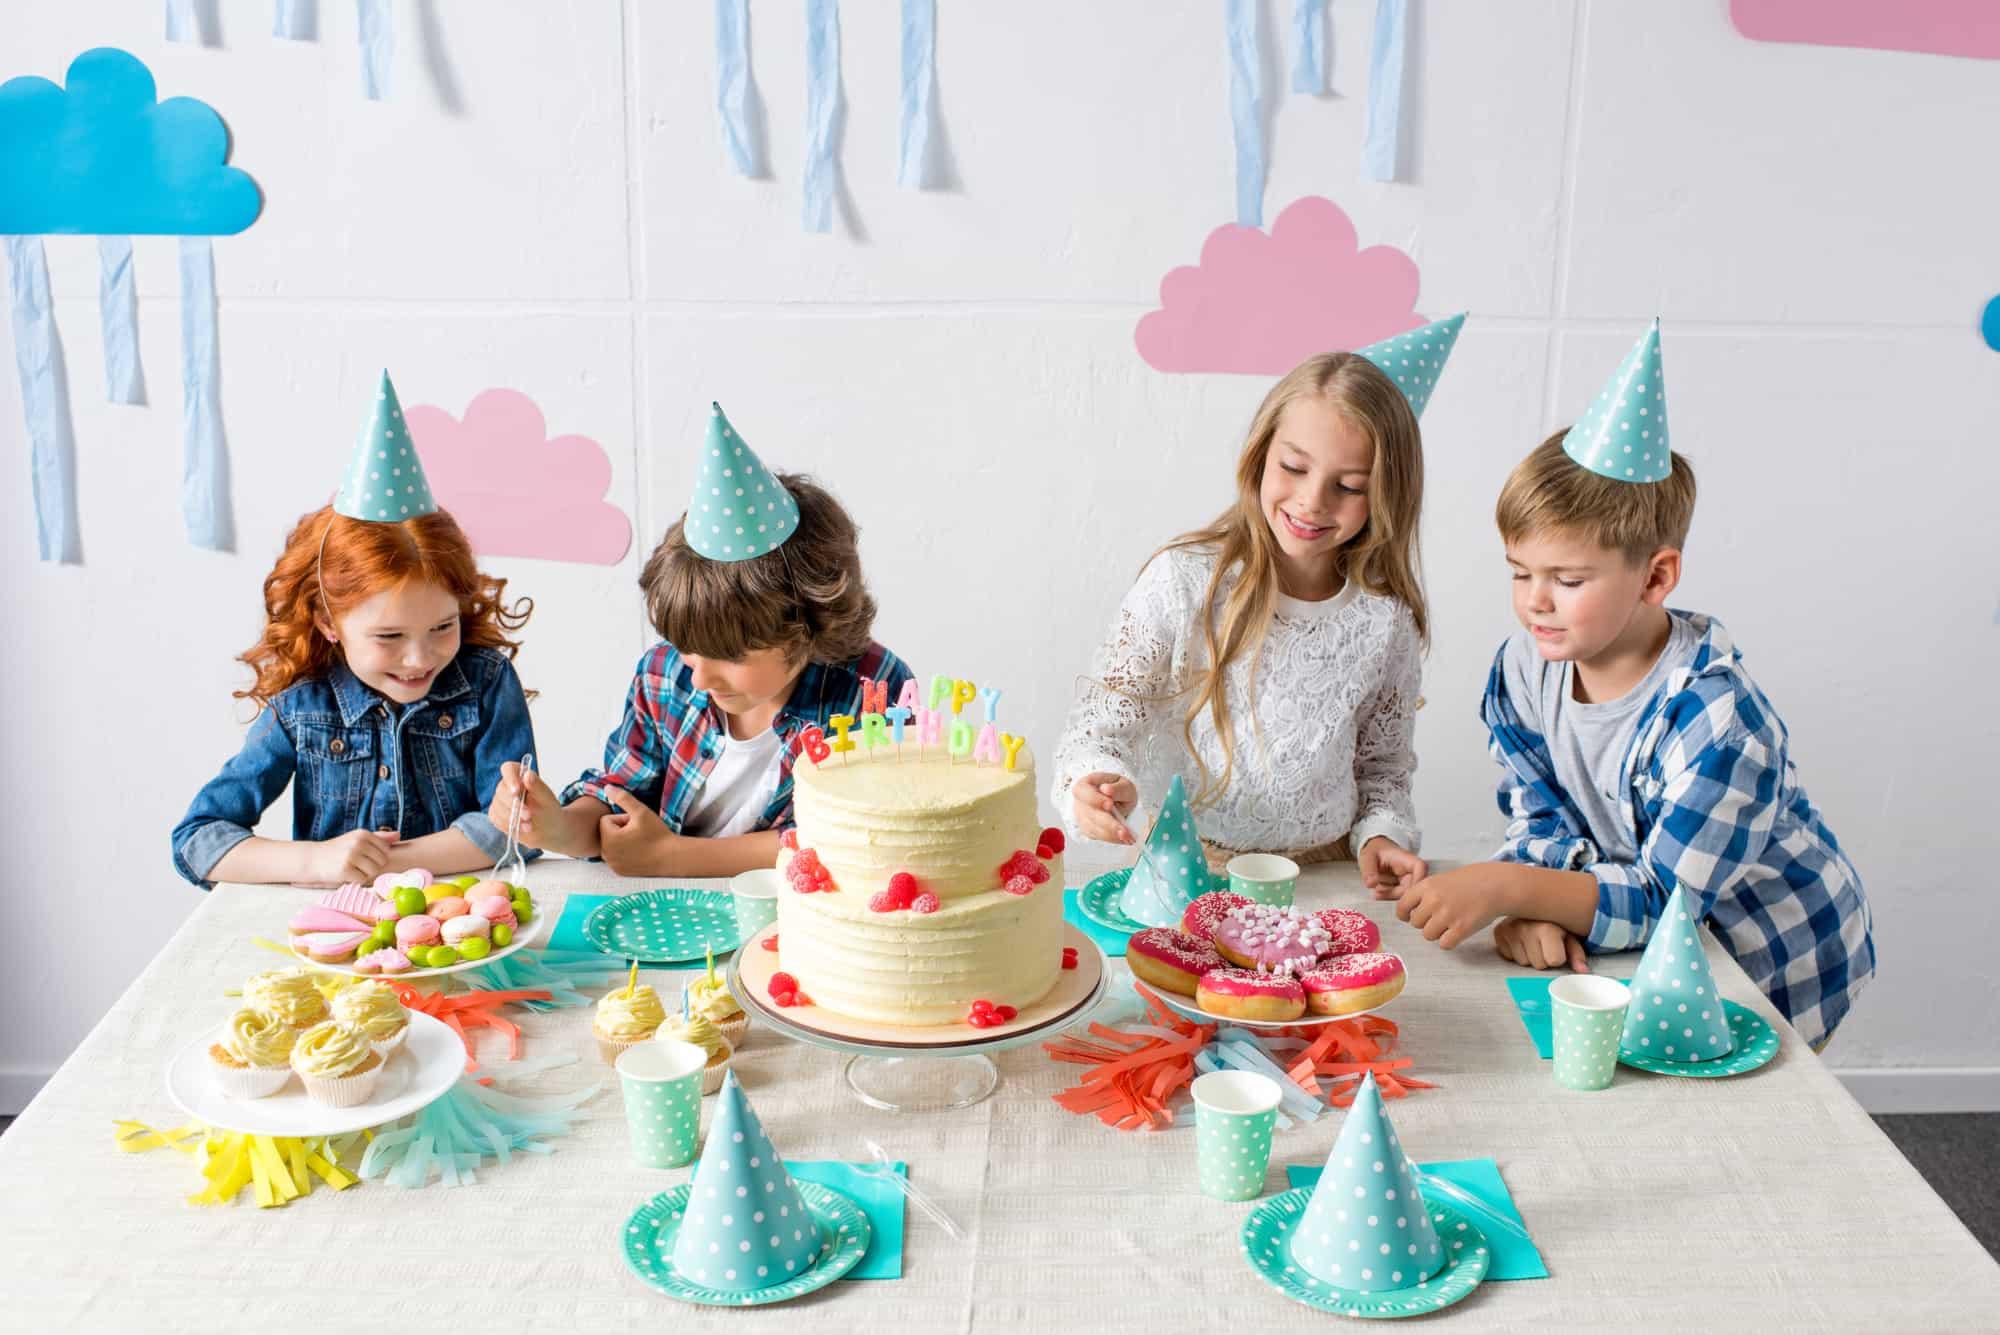 Børnefødselsdag Inspiration børnefødselsdag invitation ⇒ de bedste råd til en god invitation